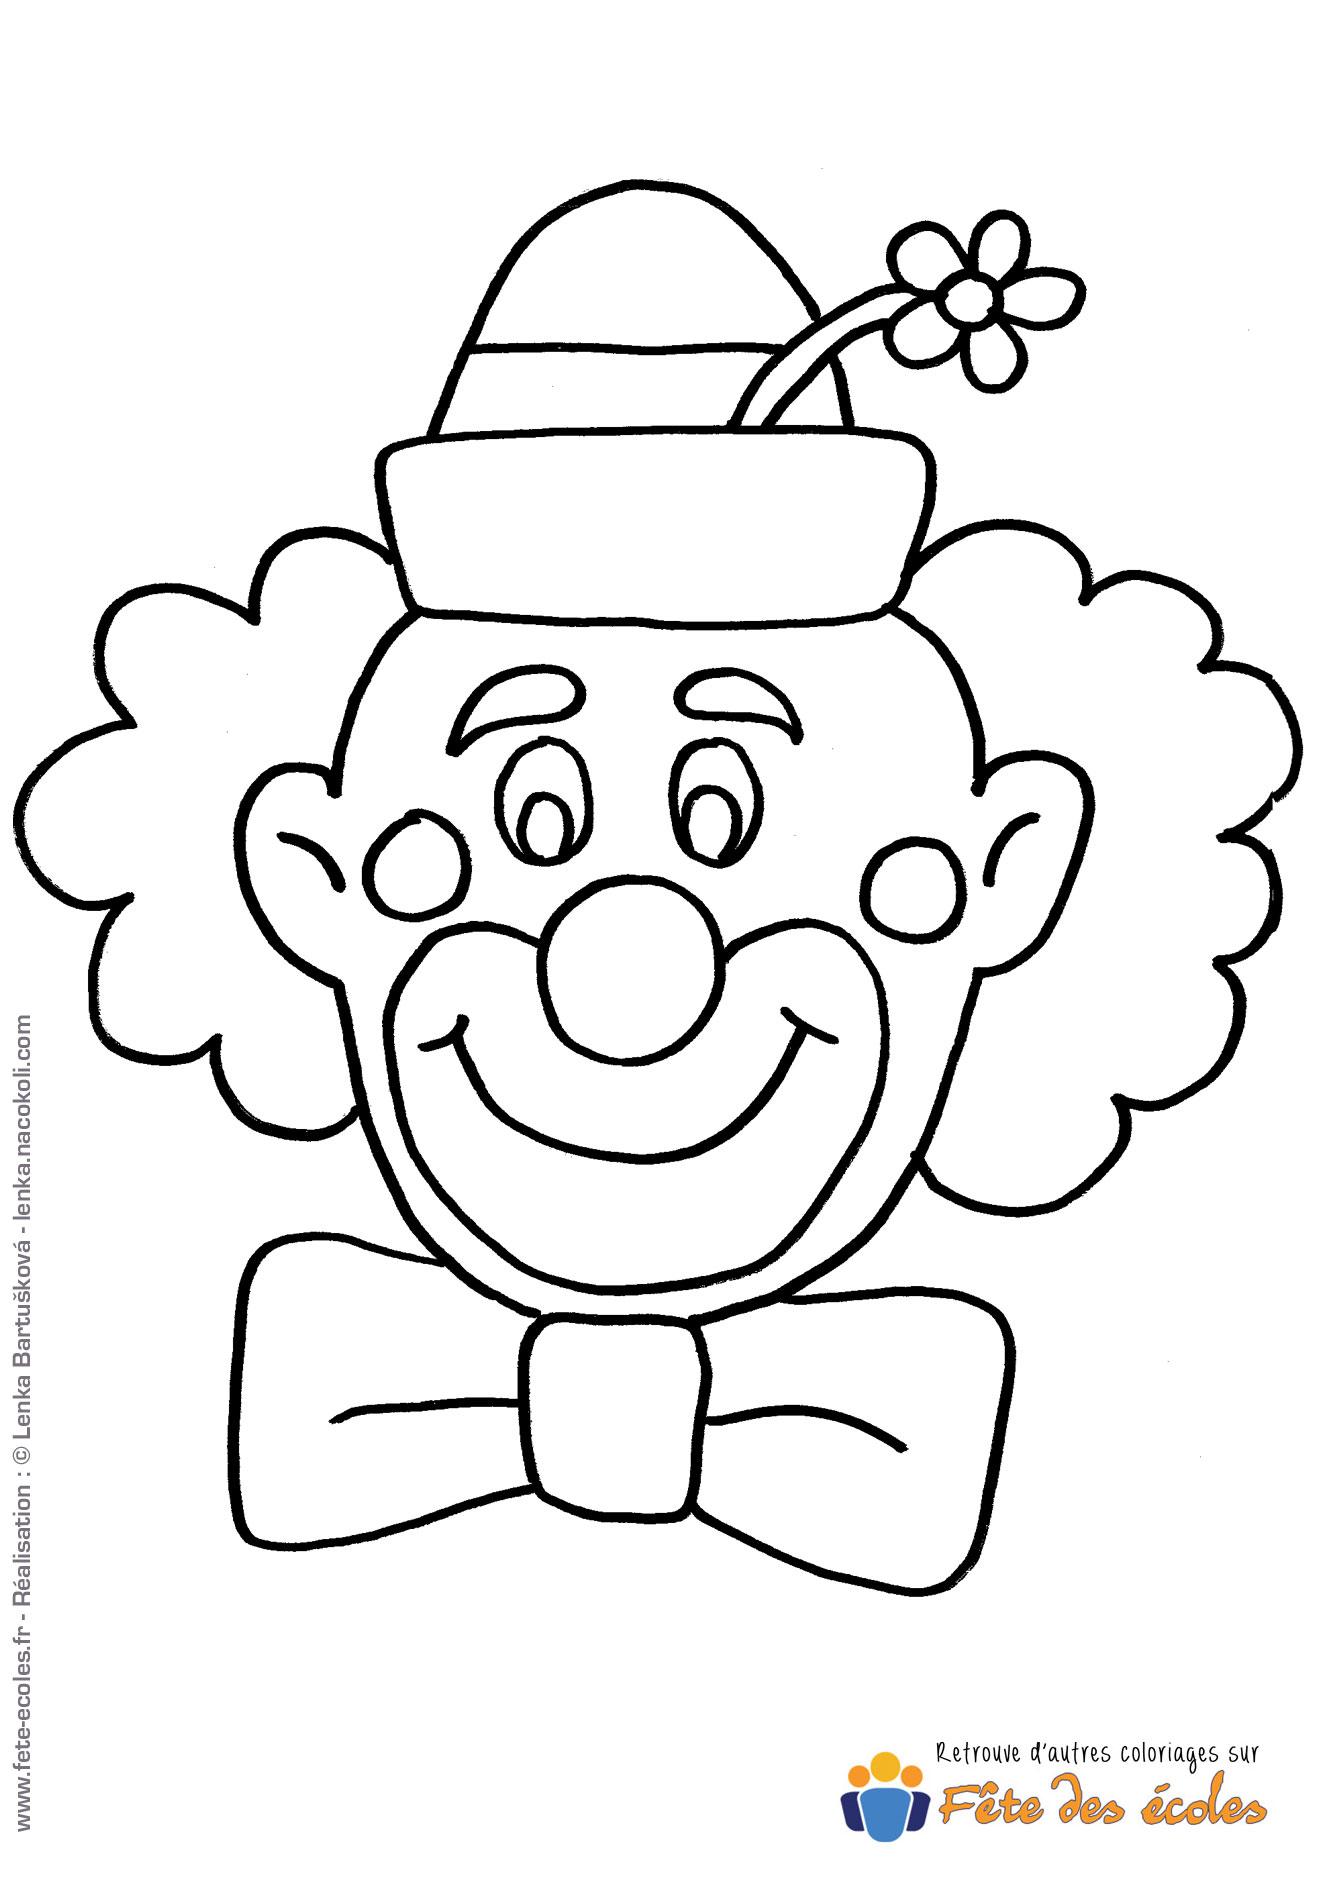 Awesome coloriage tete de clown unique coloriage tete de - Tete de clown a imprimer ...